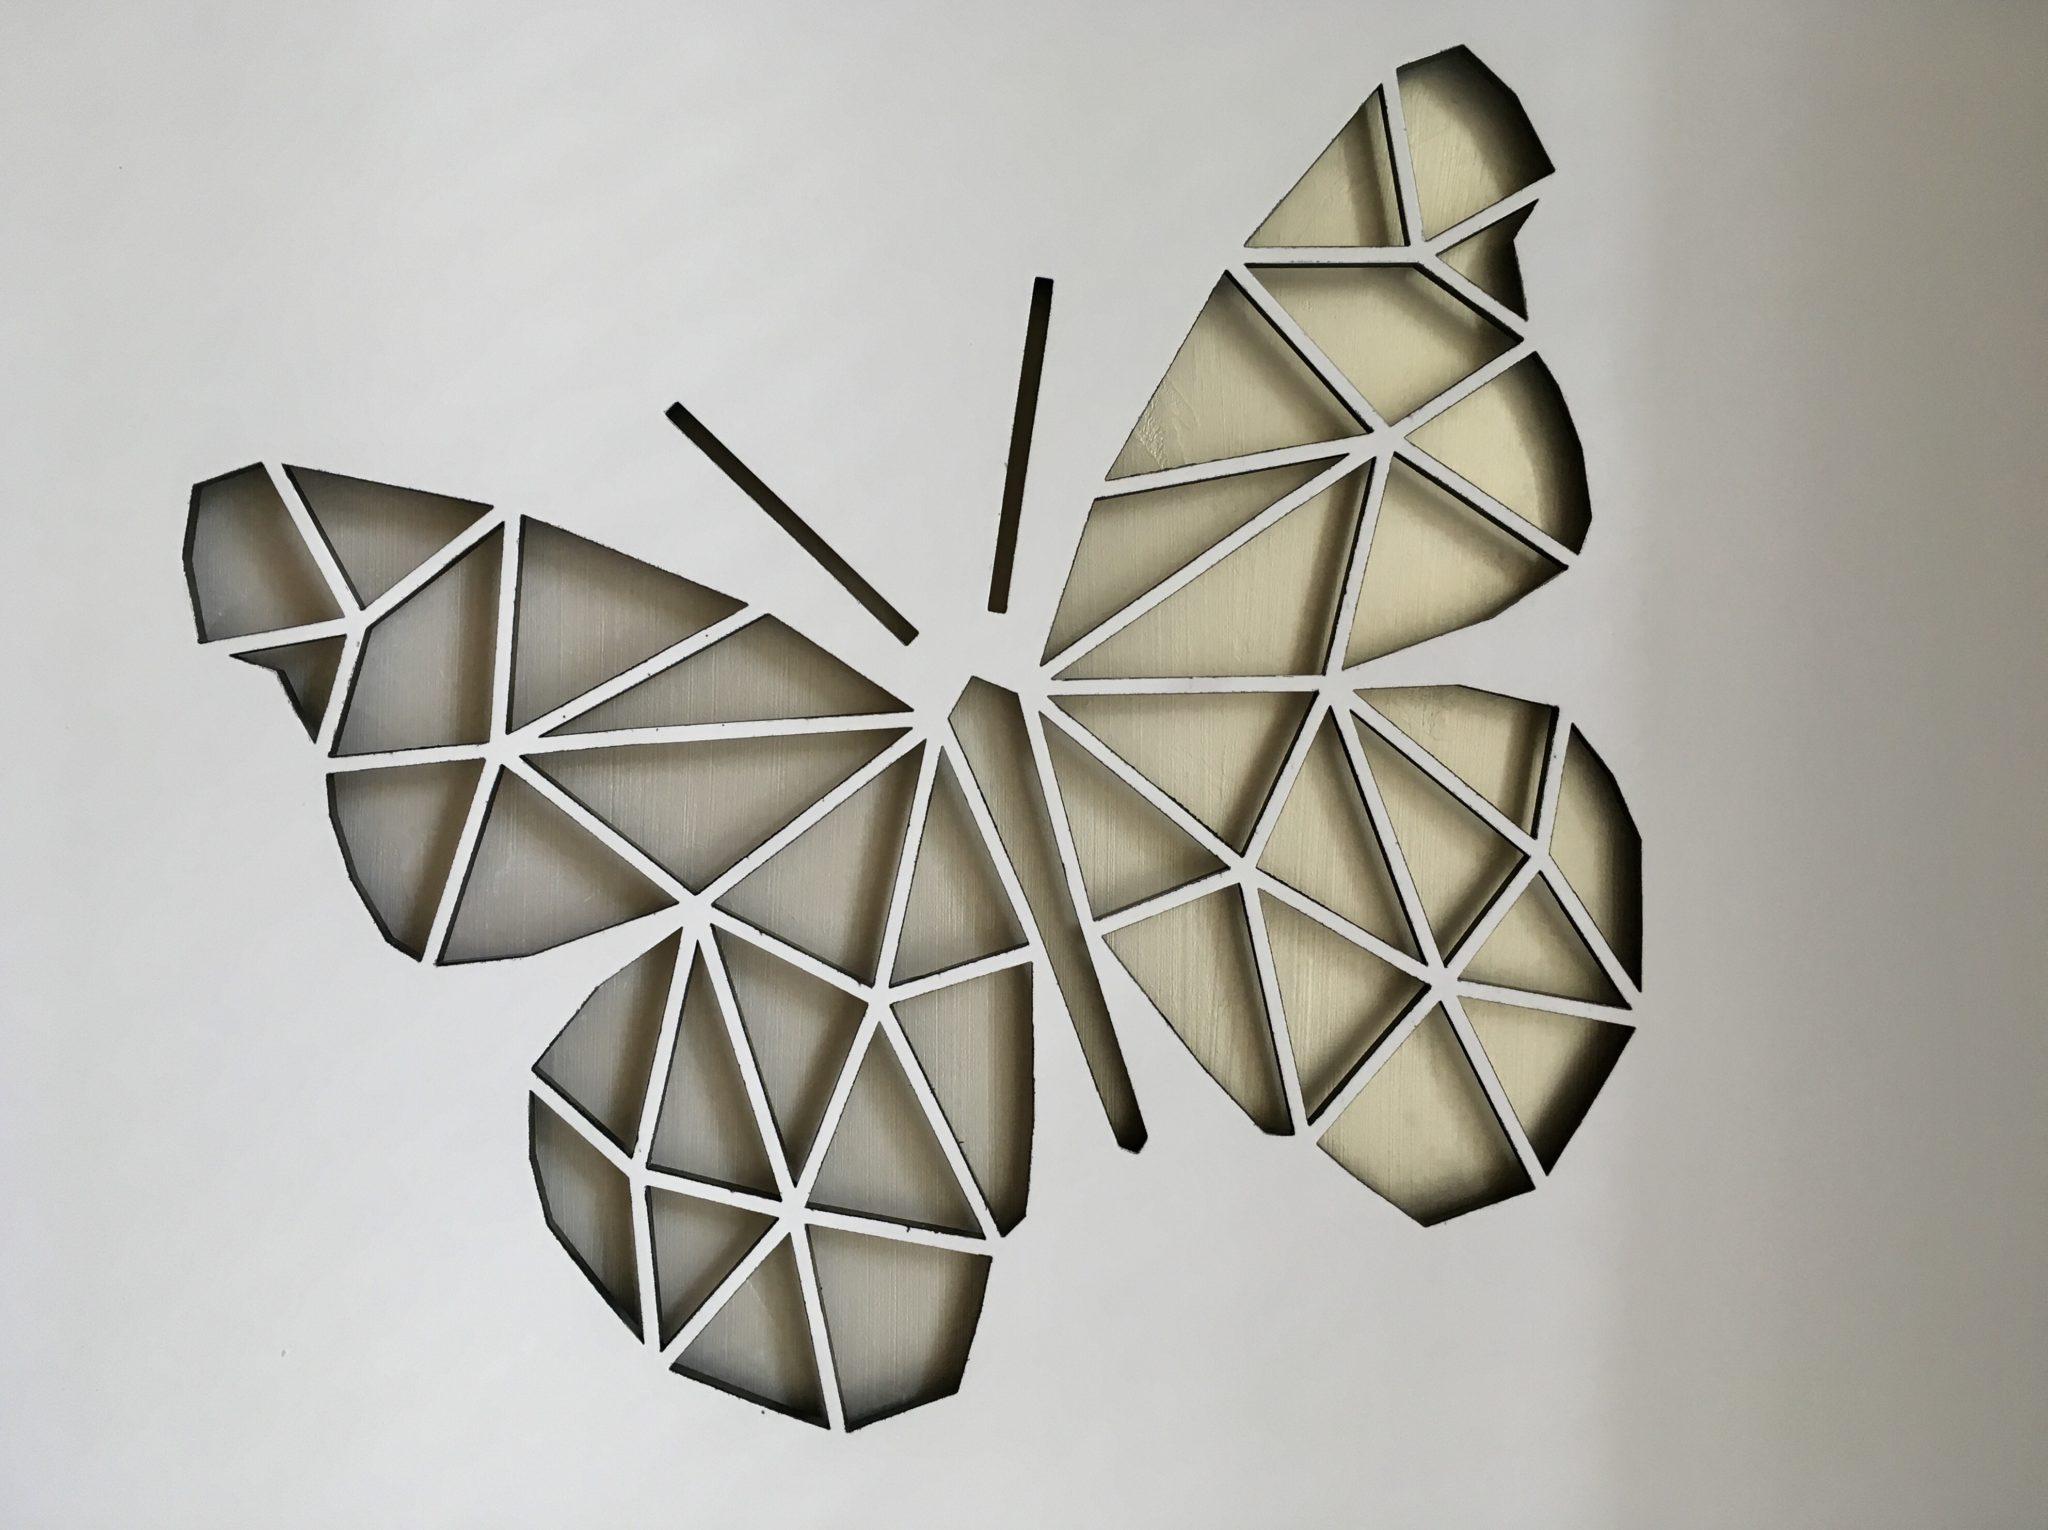 Motyle-dekoracja-na-ścianę_3